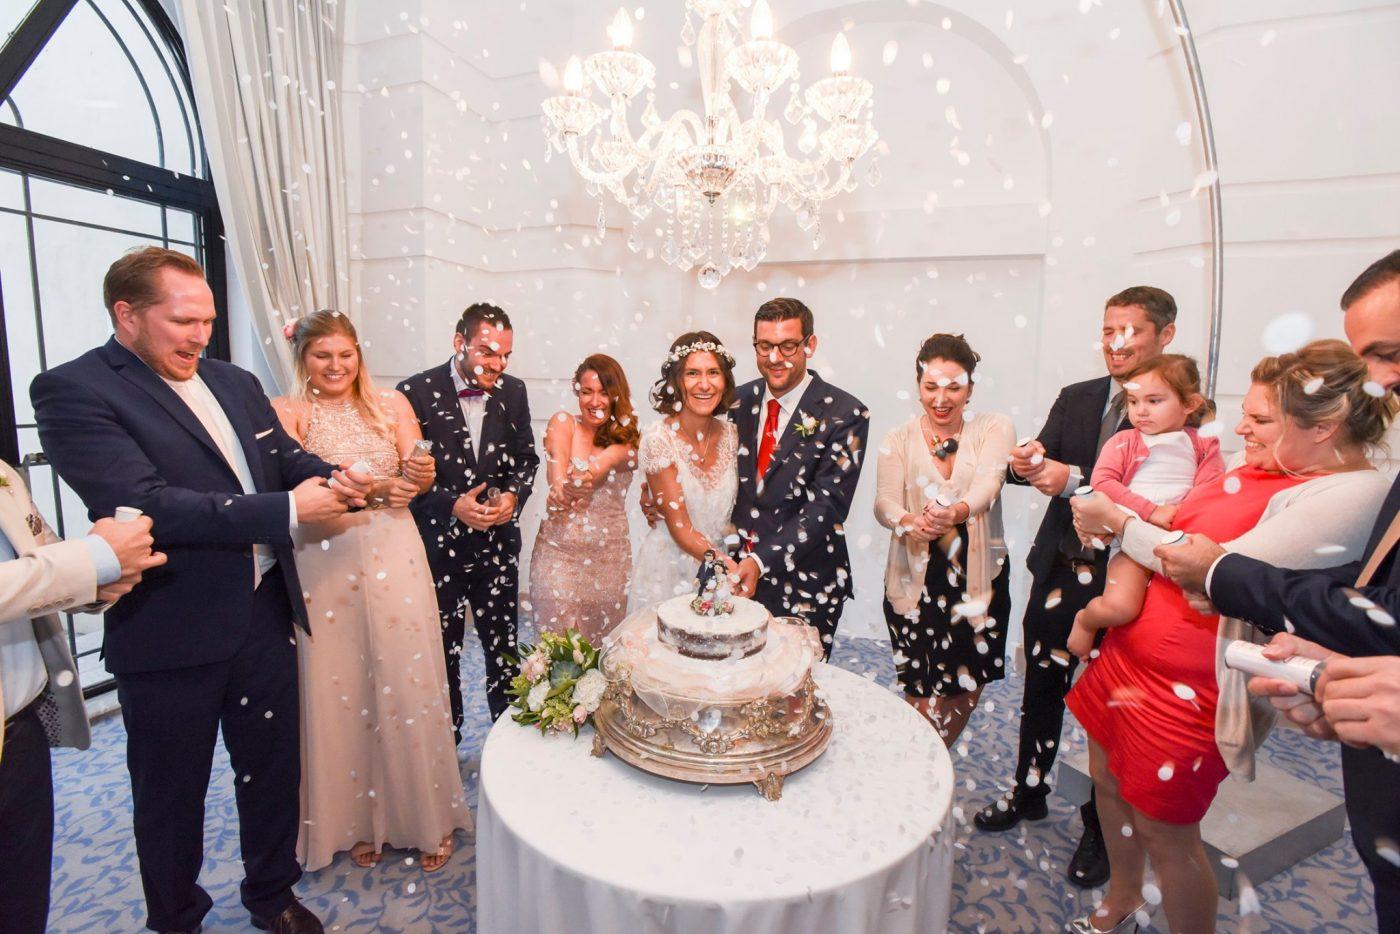 The Phoenicia Malta Wedding Venue